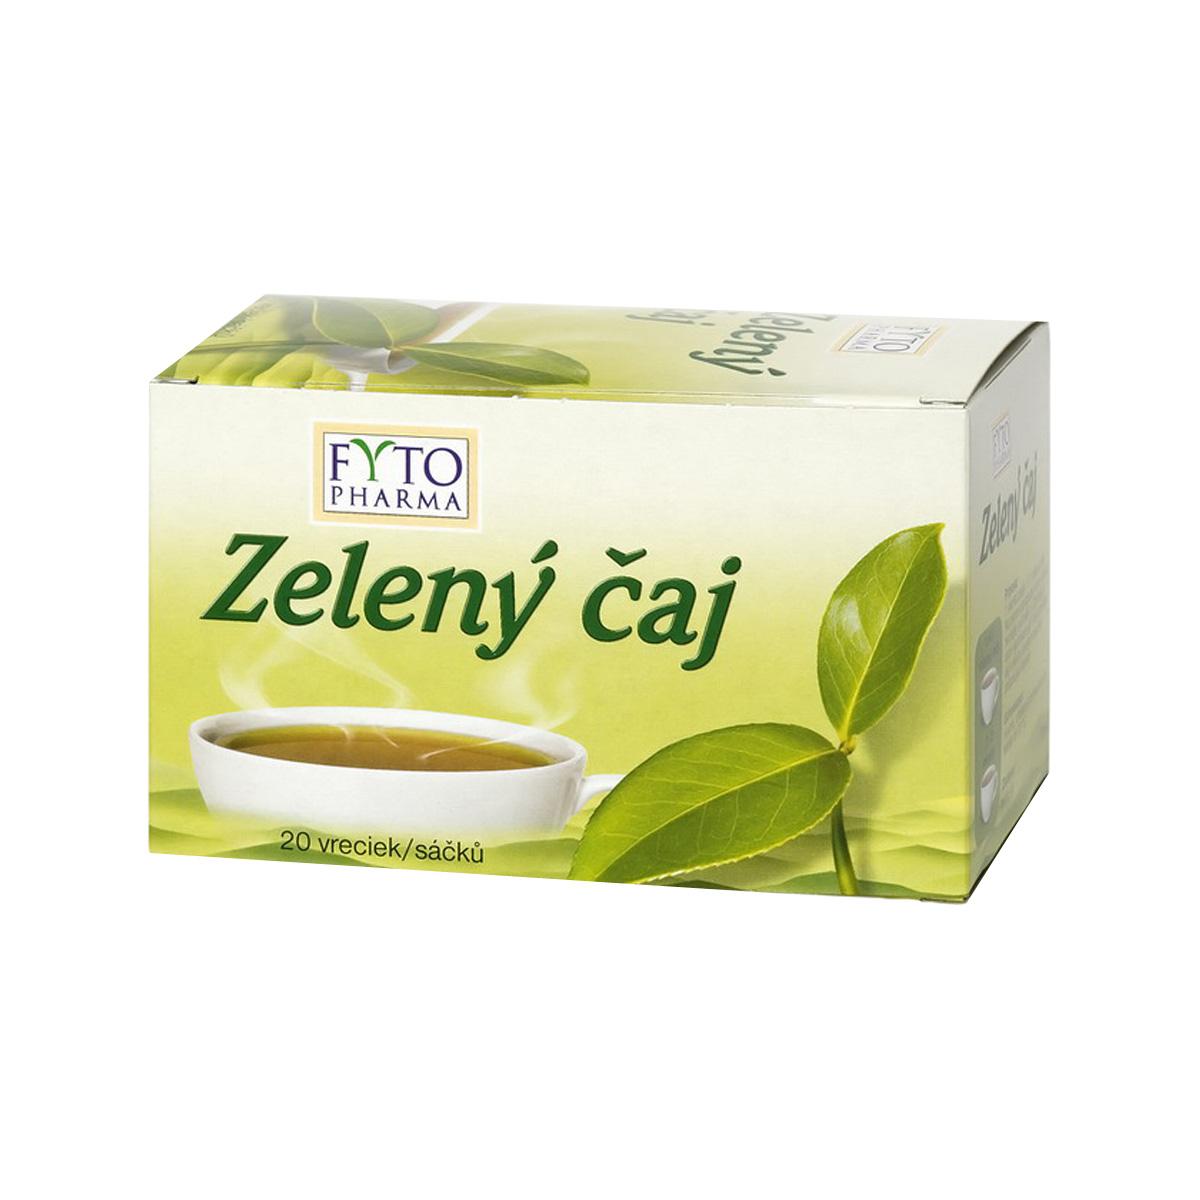 Fytopharma Zelený čaj 20 x 1,5 g